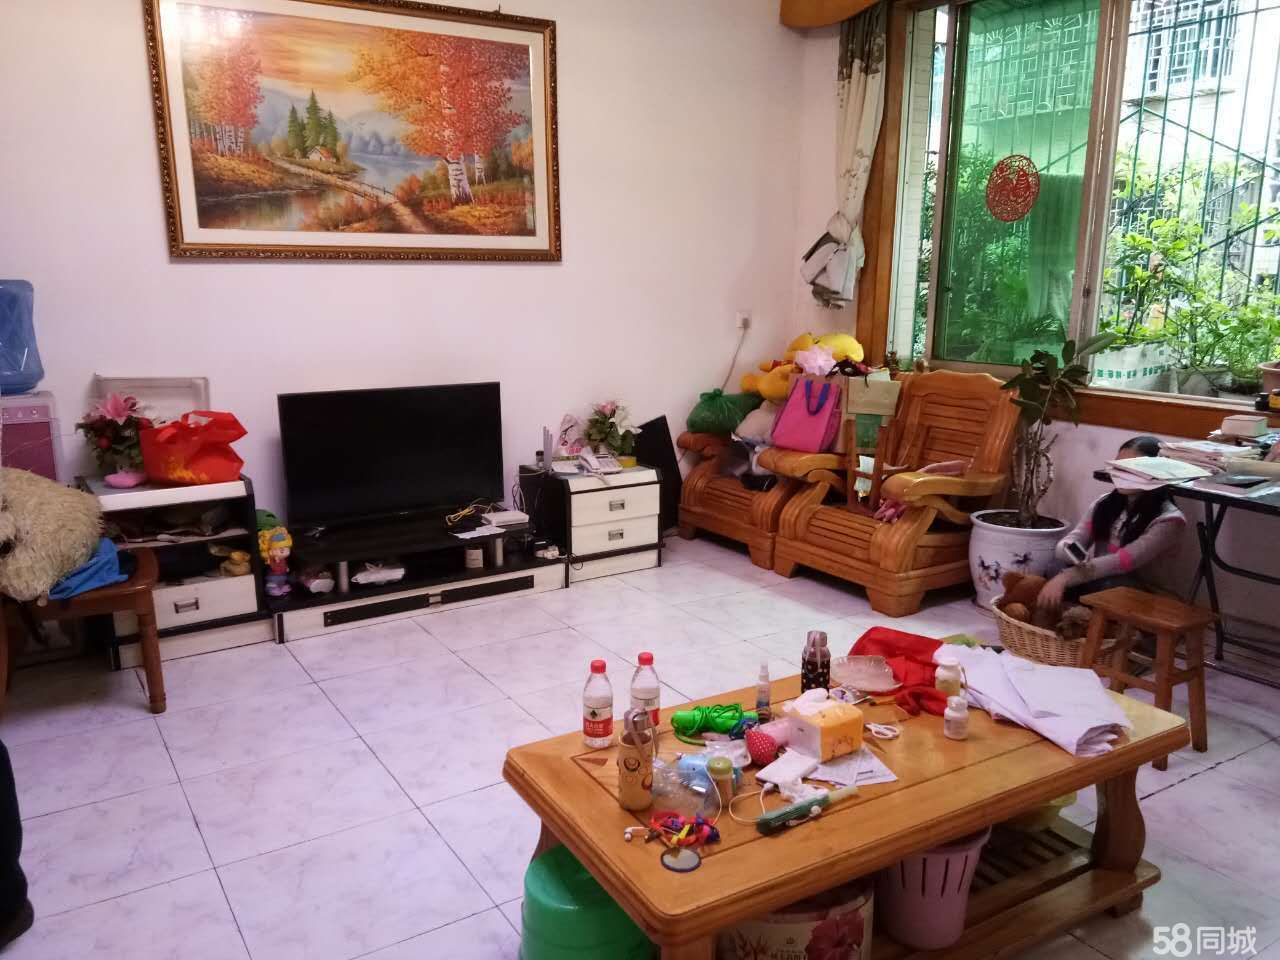 泸县原野市场3室2厅1卫143㎡2楼住房出售!